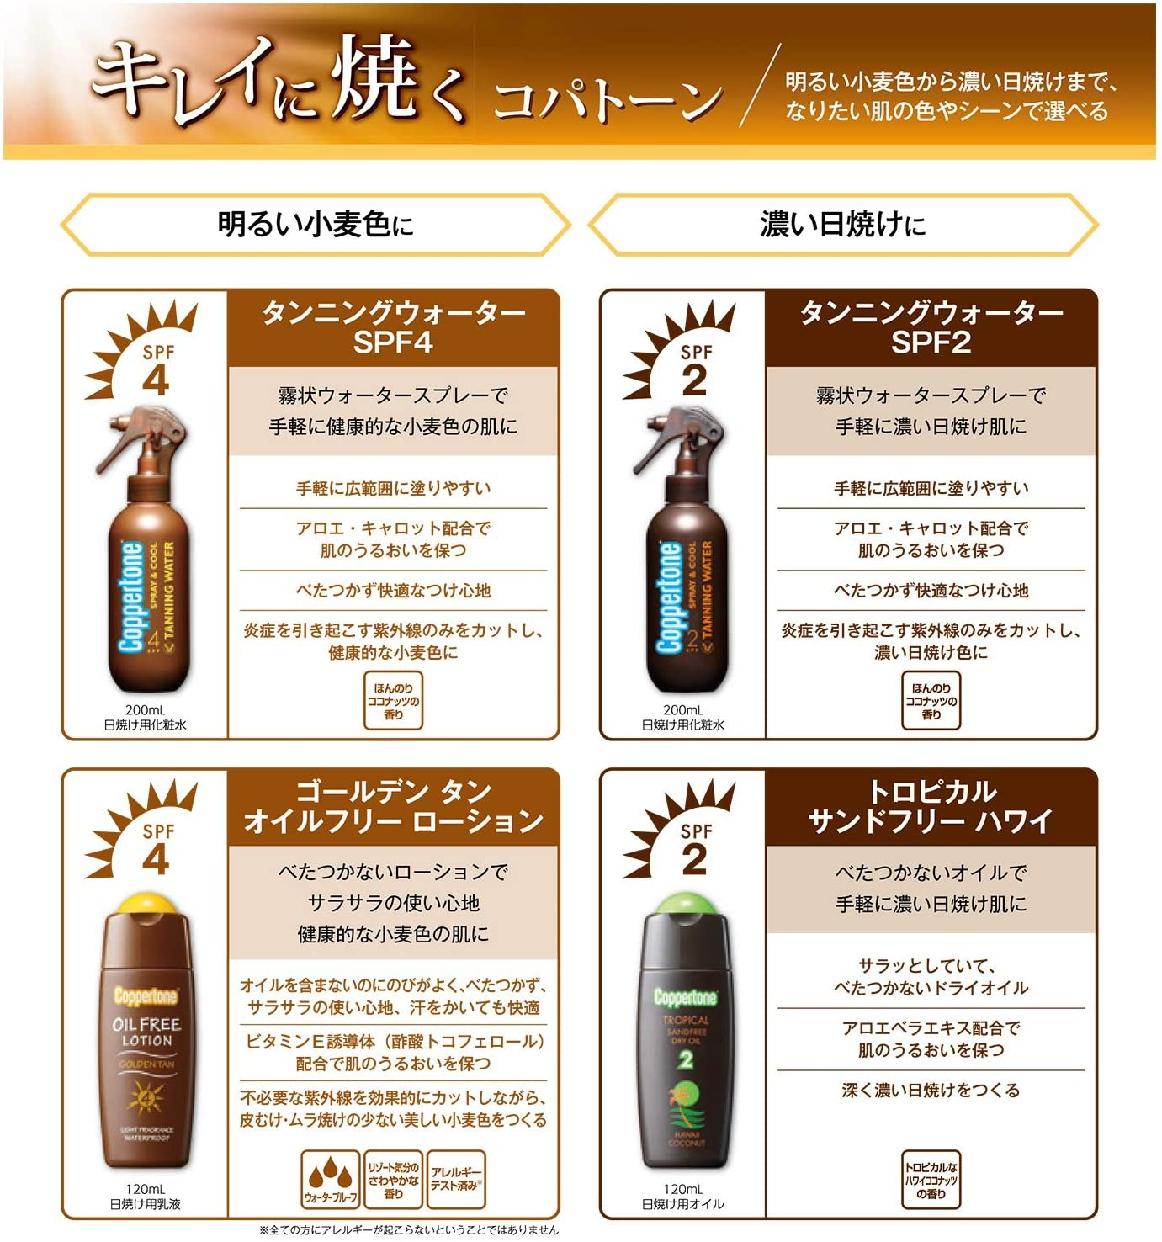 Coppertone(コパトーン) トロピカル サンドフリー ハワイの商品画像3